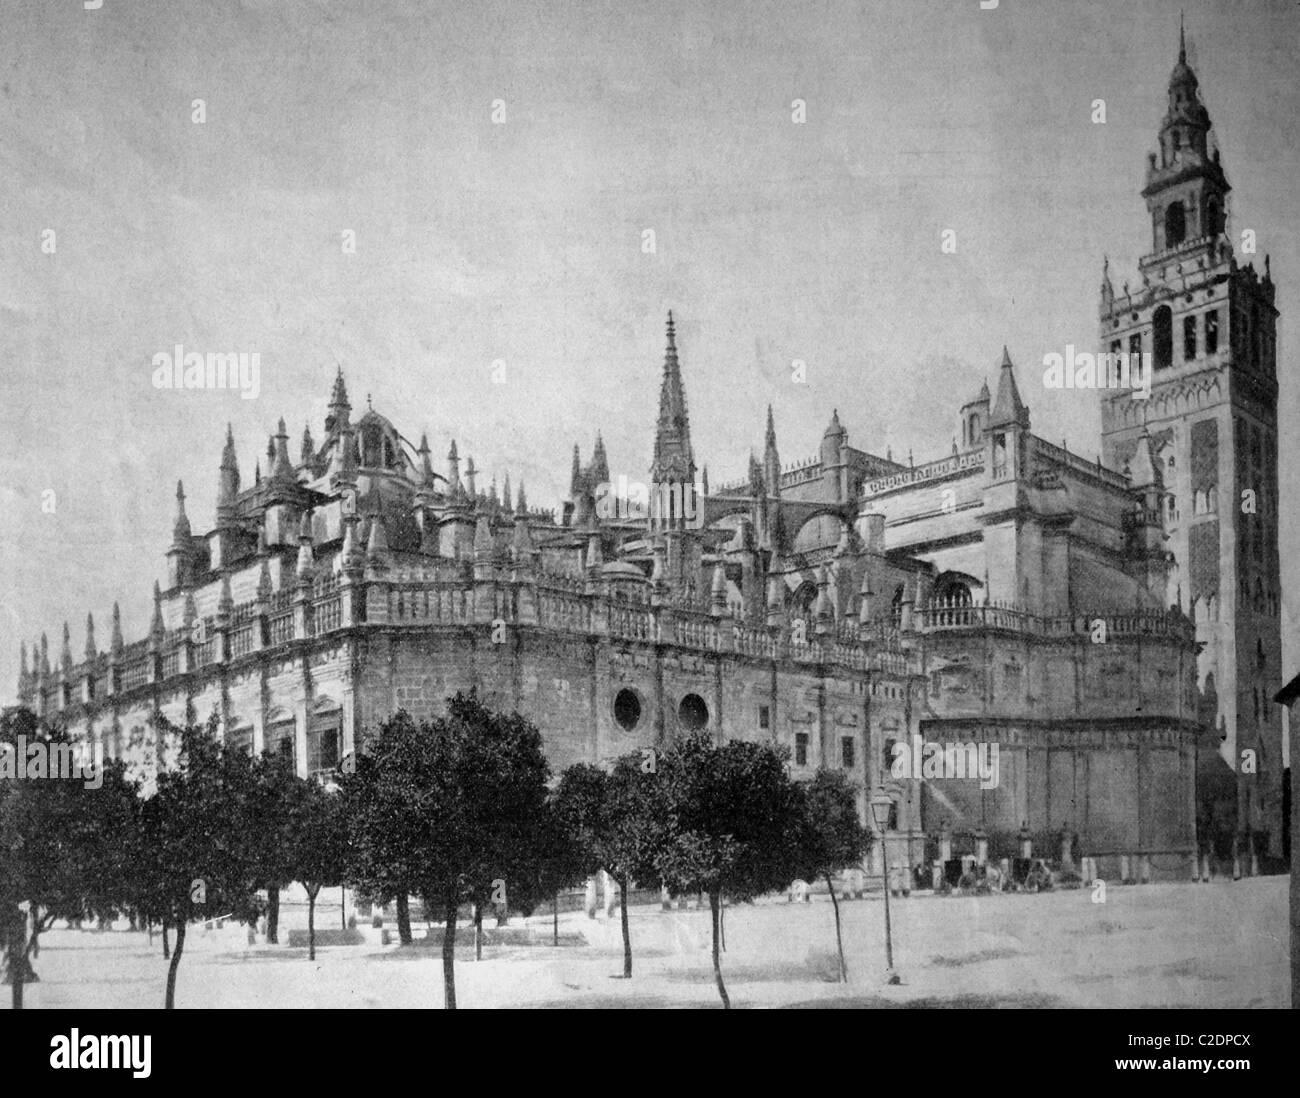 L'un des premiers autotypes de la Cathédrale de Séville, photographie historique, 1884 Photo Stock